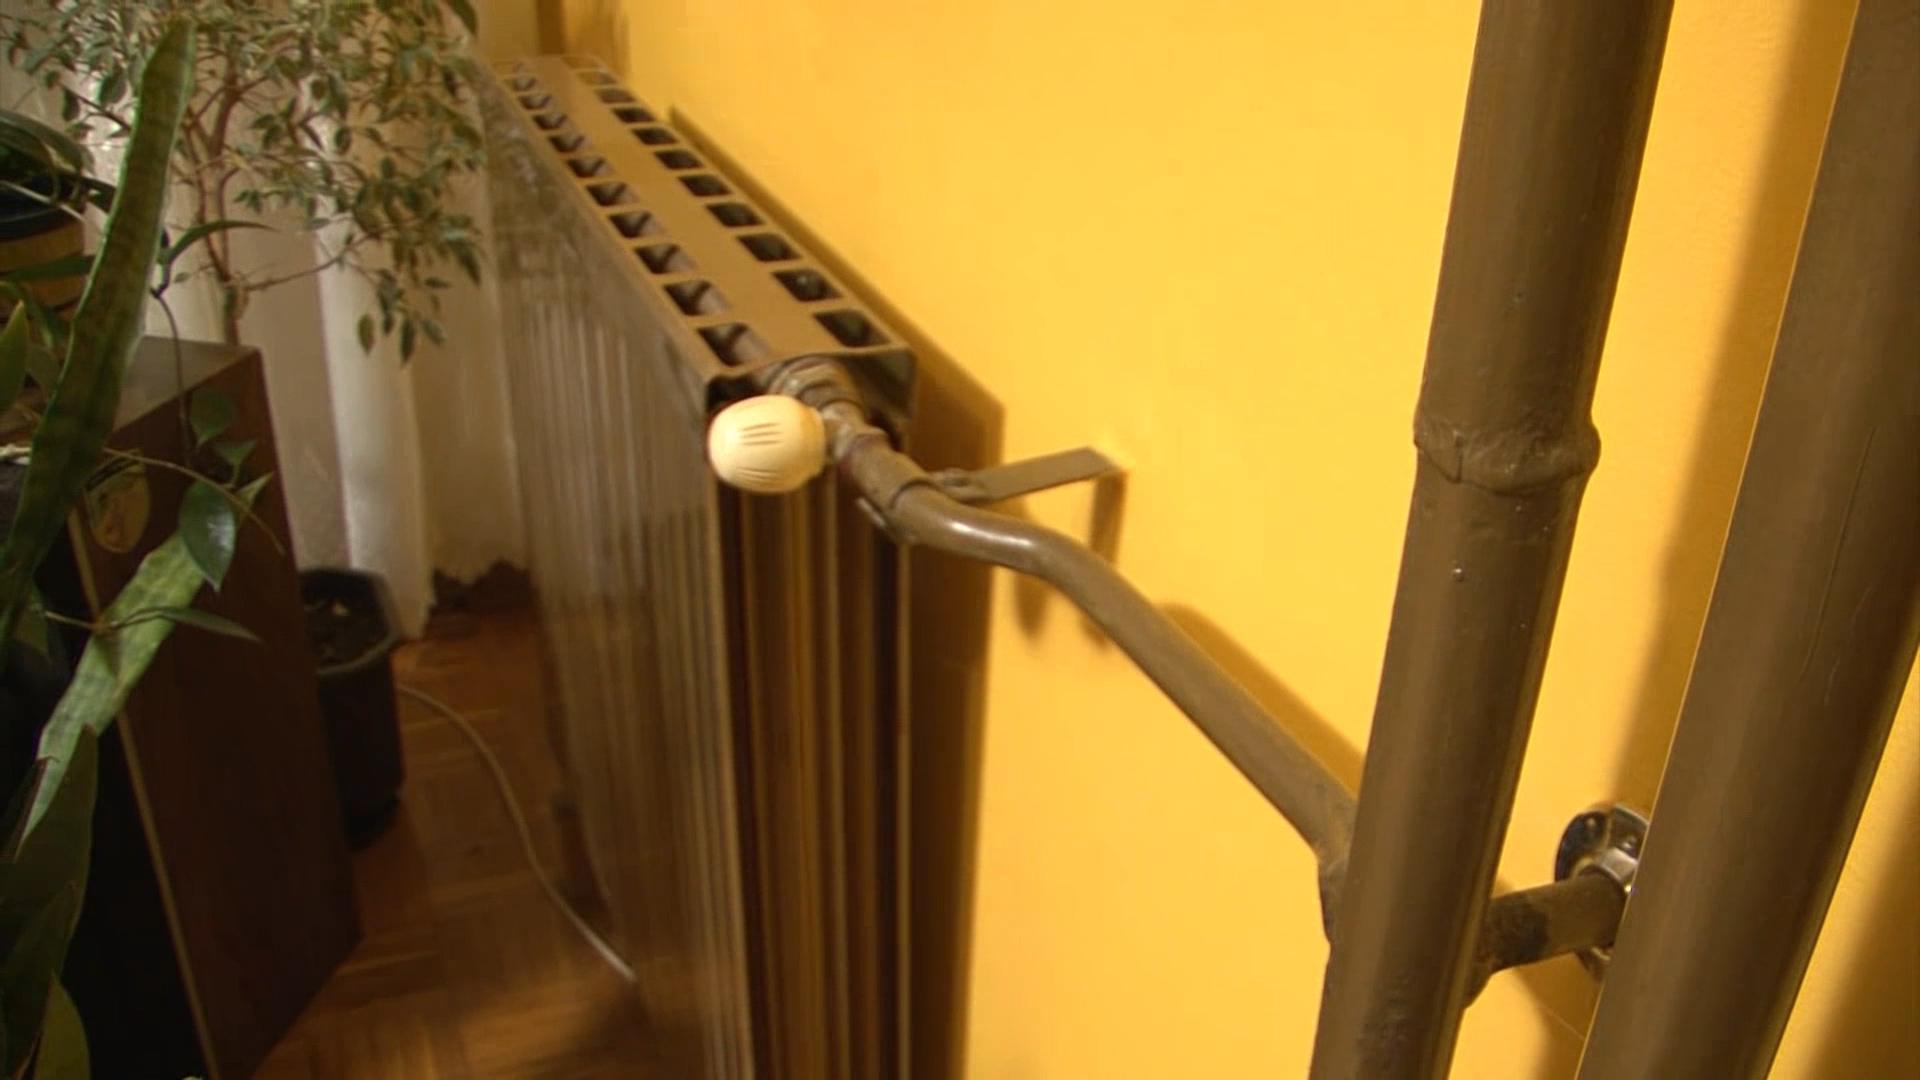 Havarija na vrelovodnoj mreži: Hladni radijatori u pojedinim objektima